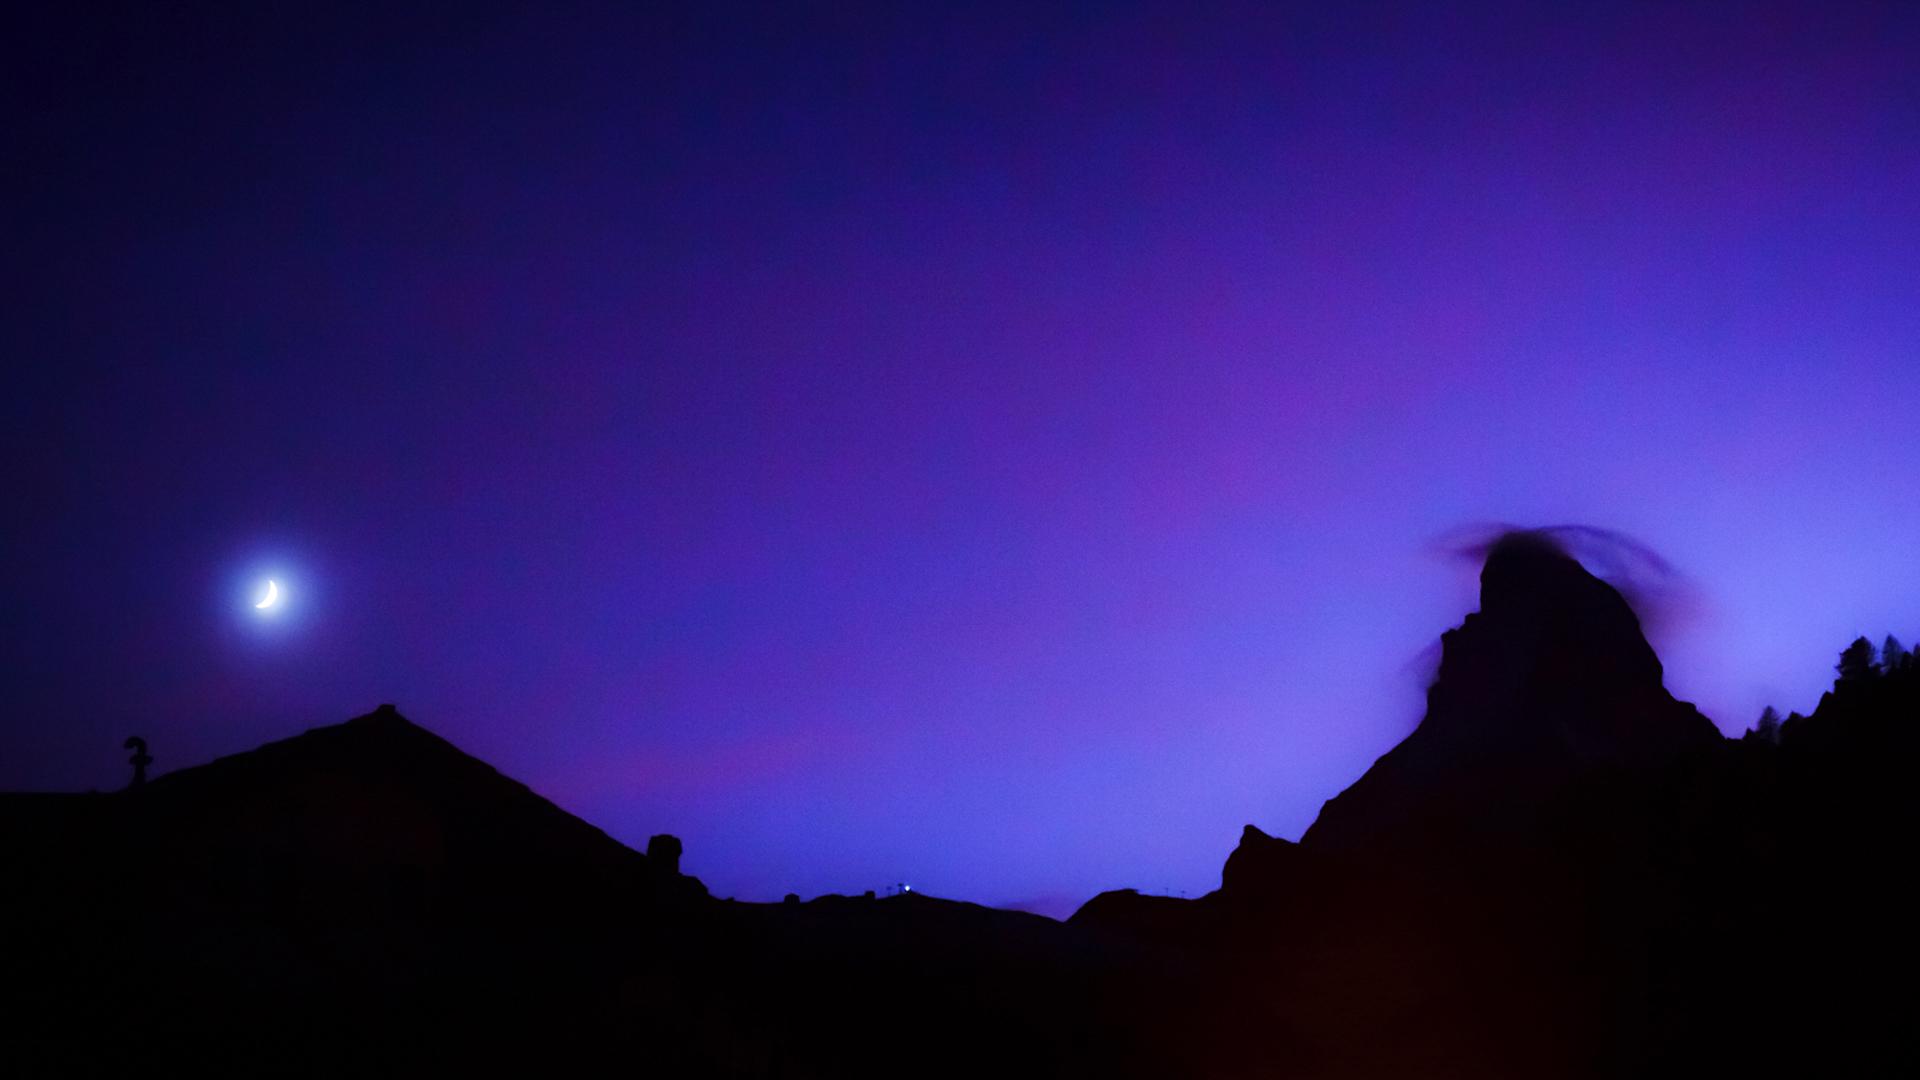 瑞士采耳马特山区的星空绚烂多姿,一弯月儿与马特洪峰遥遥相望~